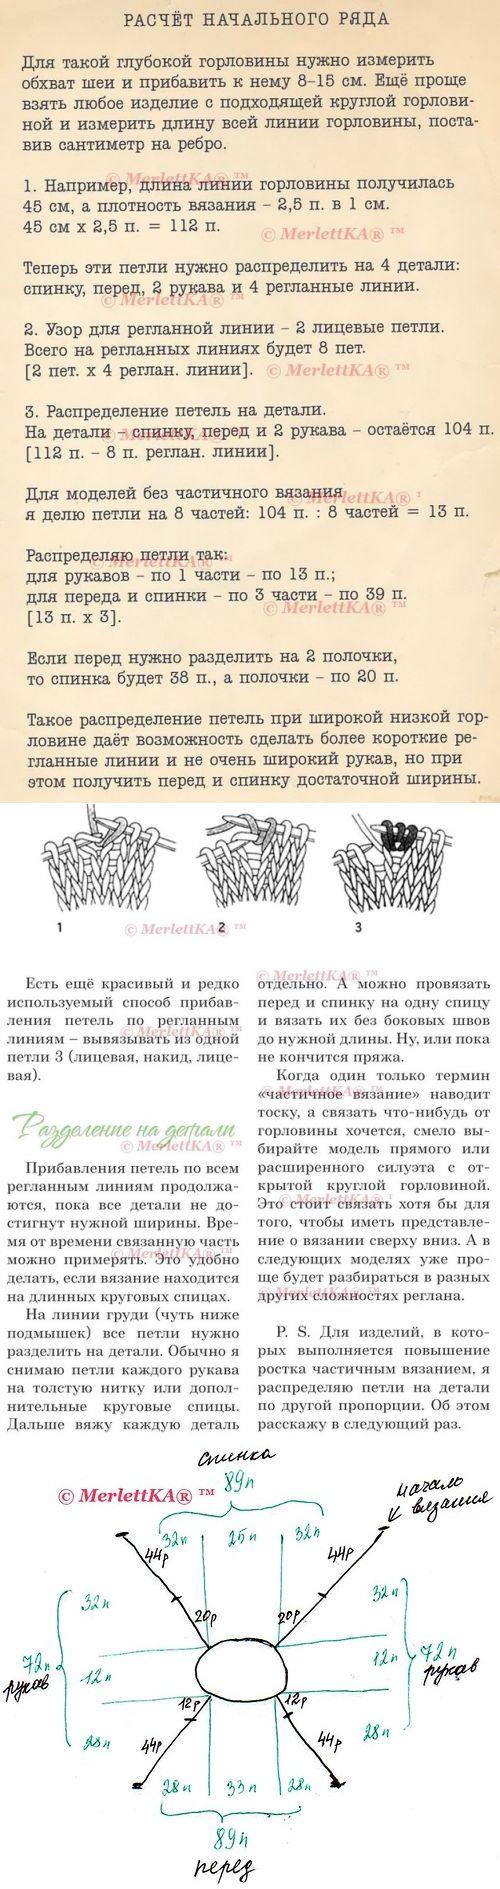 ya-masterica.ru